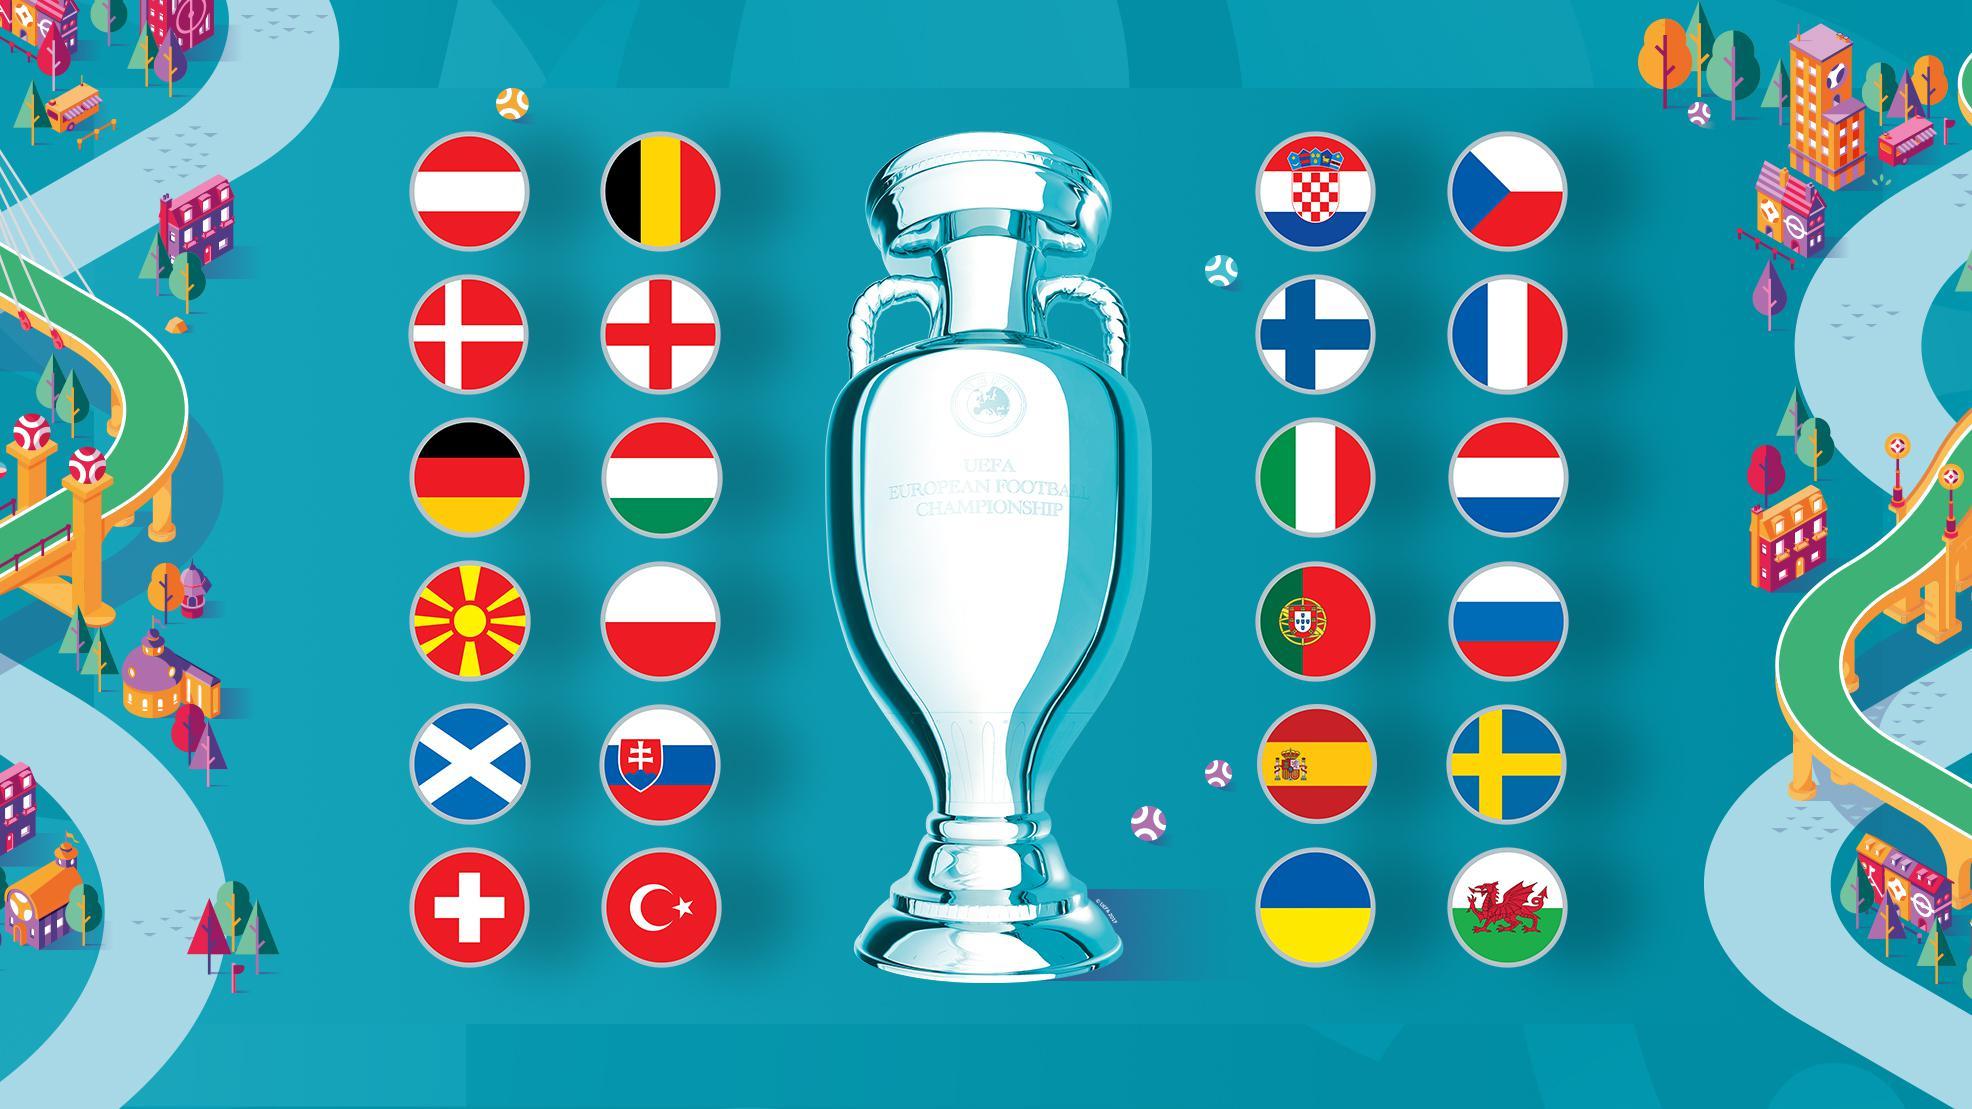 Jadual Perlawanan Uefa Euro 2020